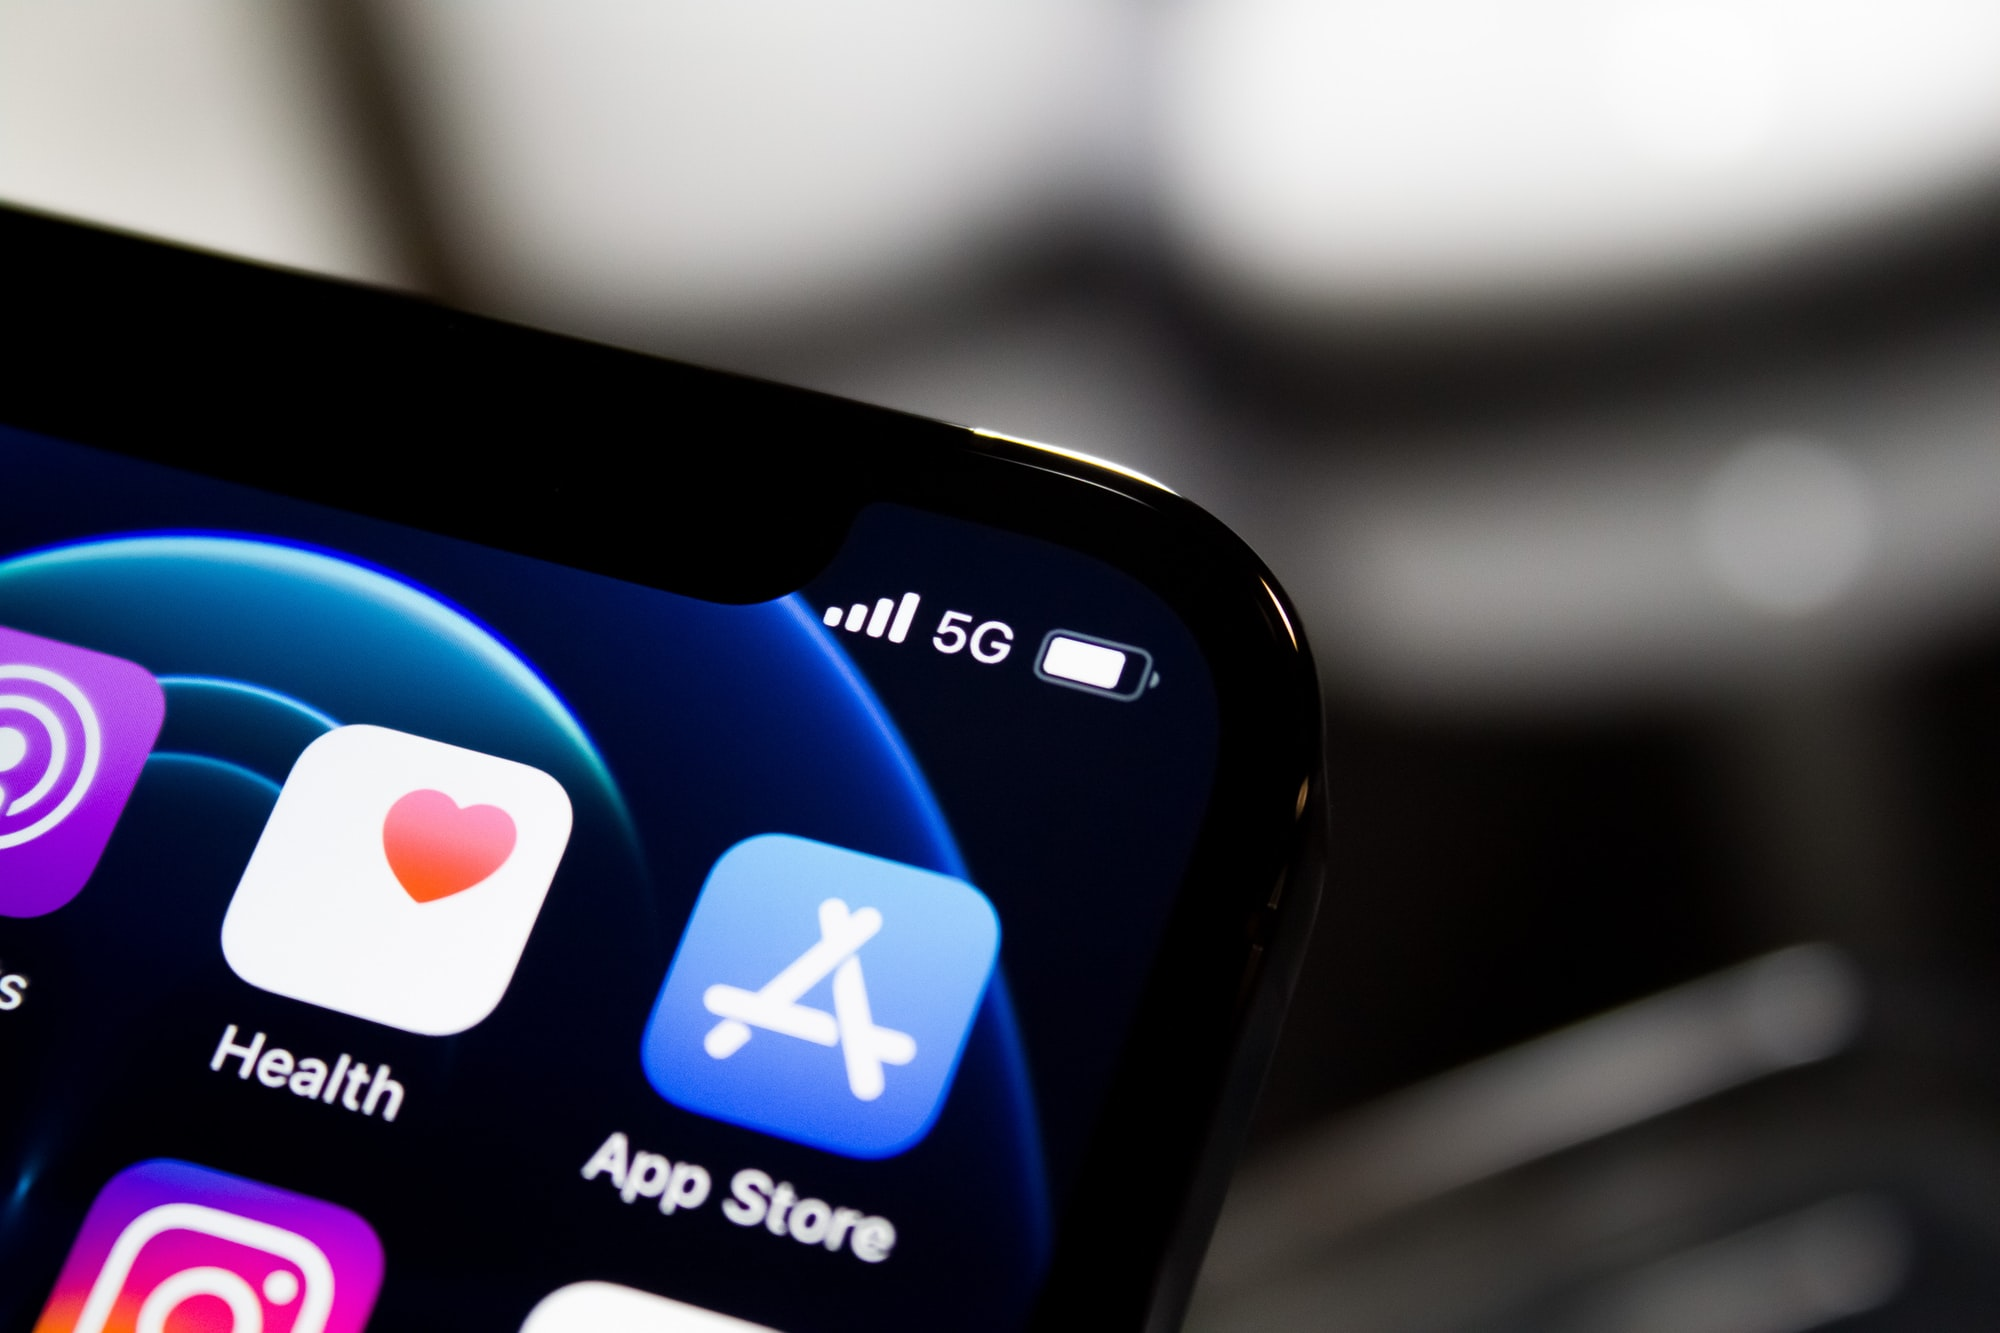 App Store будет терять ежегодно миллиарды долларов после проигрыша Apple в суде